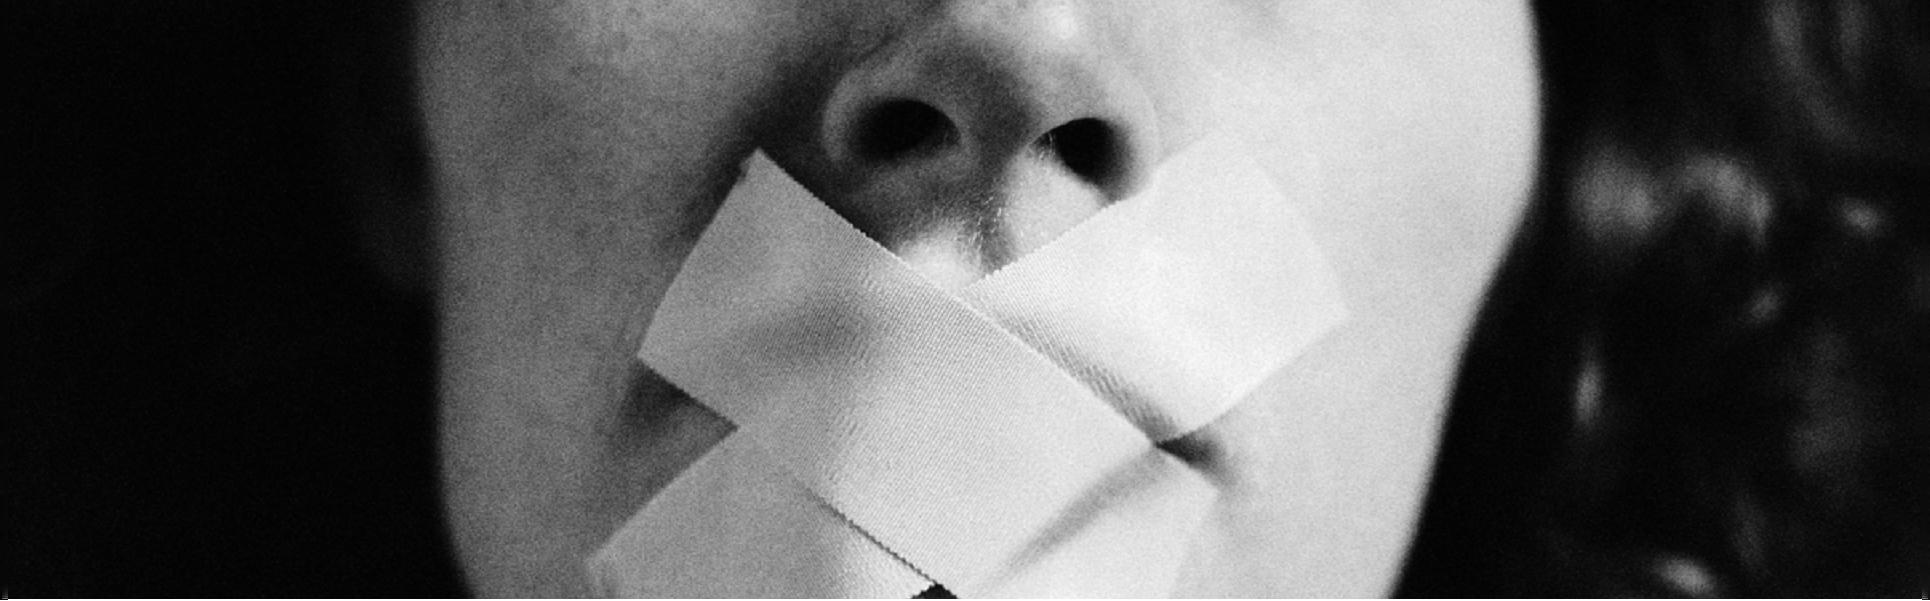 Насилие и ВИЧ: как уберечь себя от заражения?